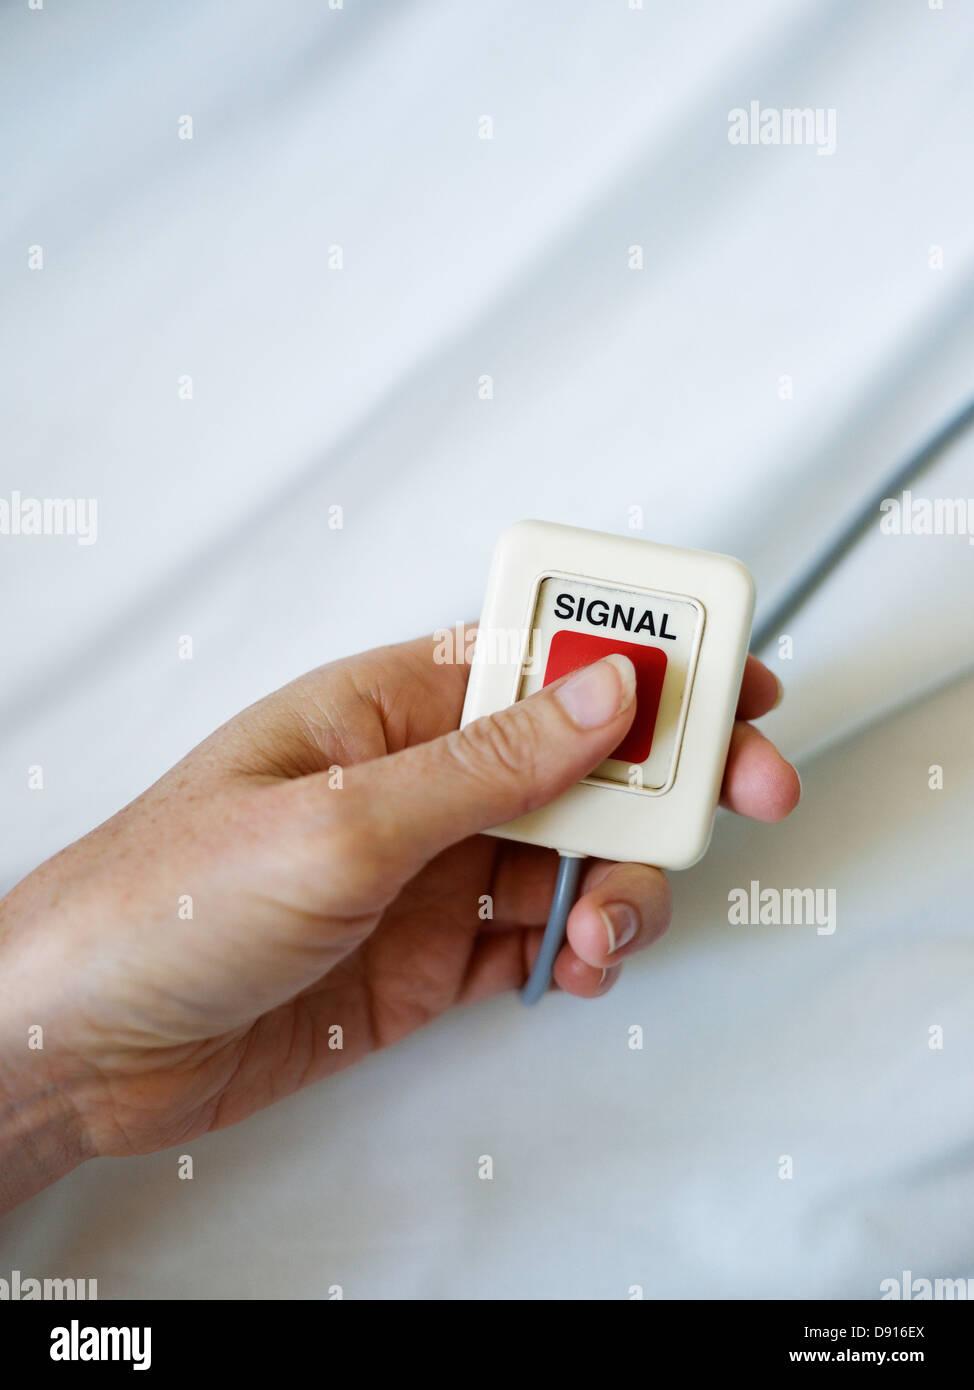 El paciente mantiene el pulsador Imagen De Stock